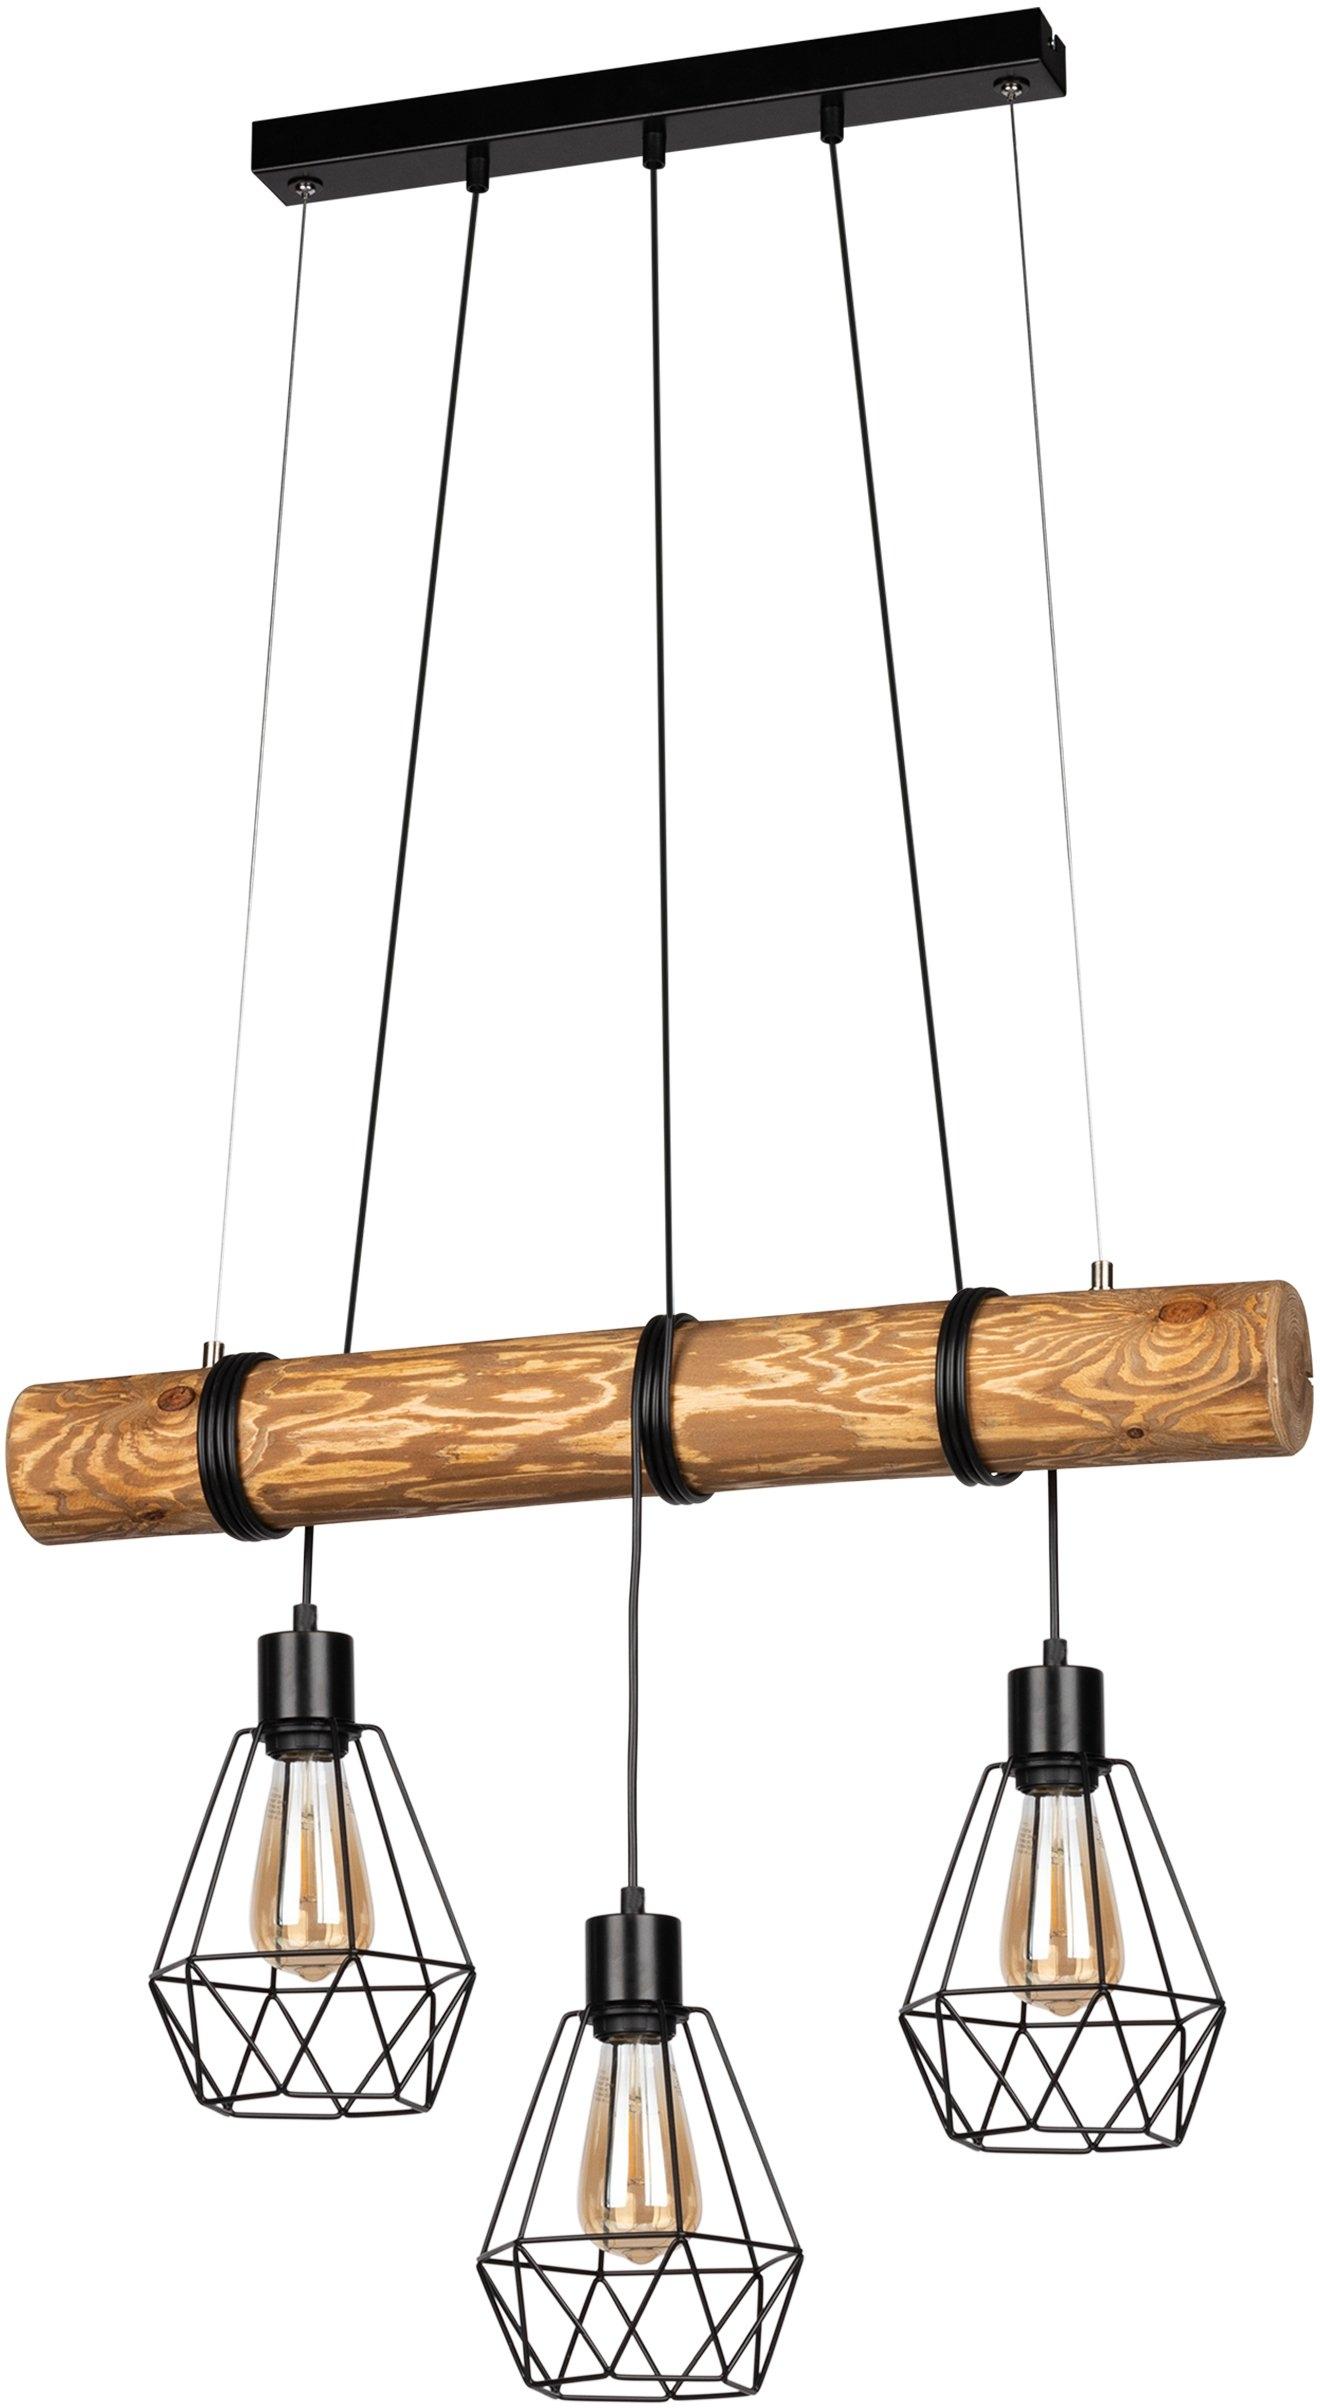 Home affaire Hanglampen Chestingdale van massief grenenhout, kap van metaal, bijpassende lm e27/exclusief, natuurproduct met fsc®-certificaat, made in europe veilig op otto.nl kopen